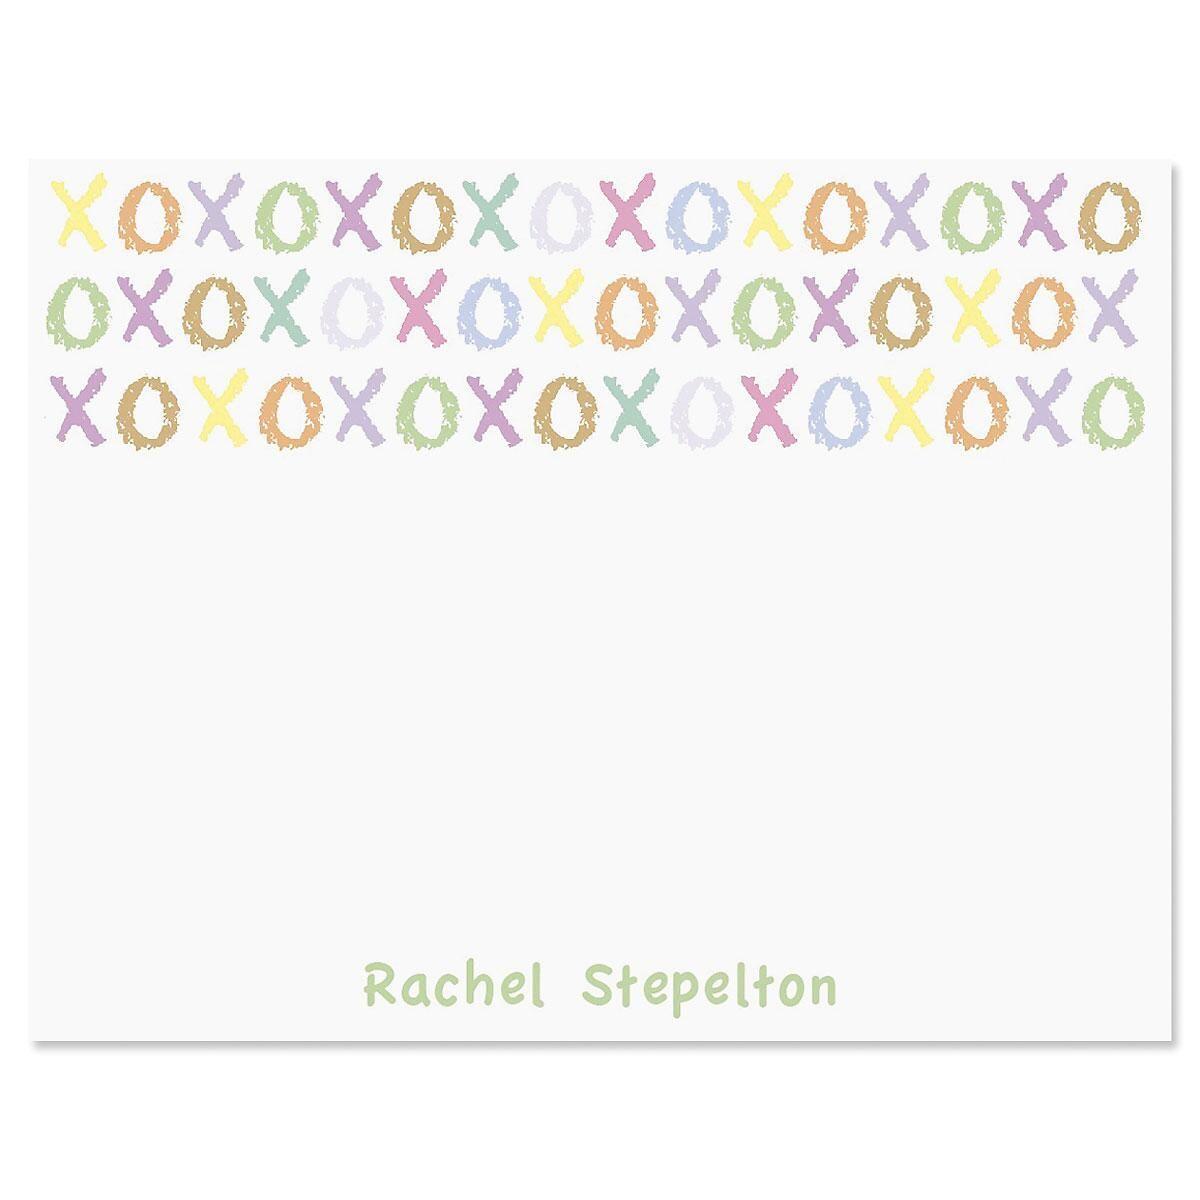 XOXOXO Personalized Correspondence Cards